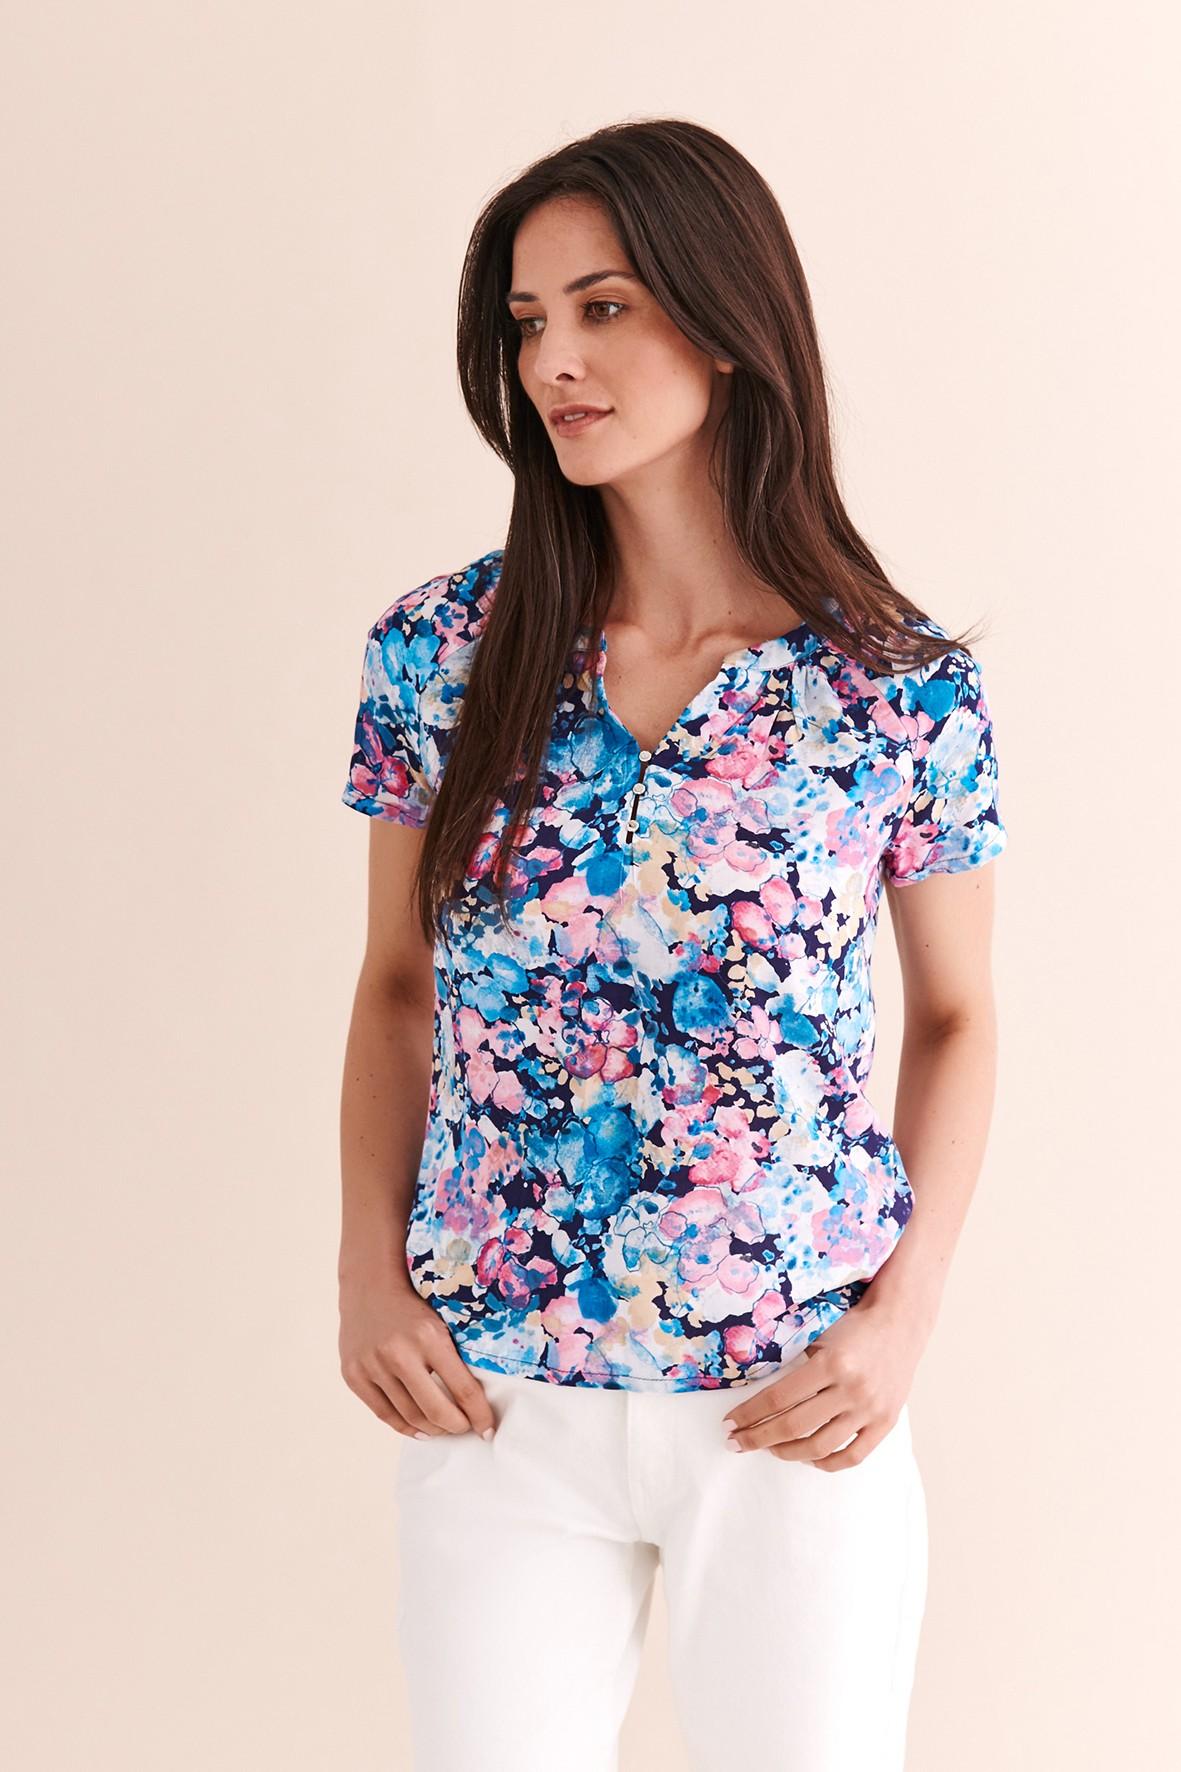 Wzorzysta bluzka tkaninowa w kwiaty - ozdobny dekolt